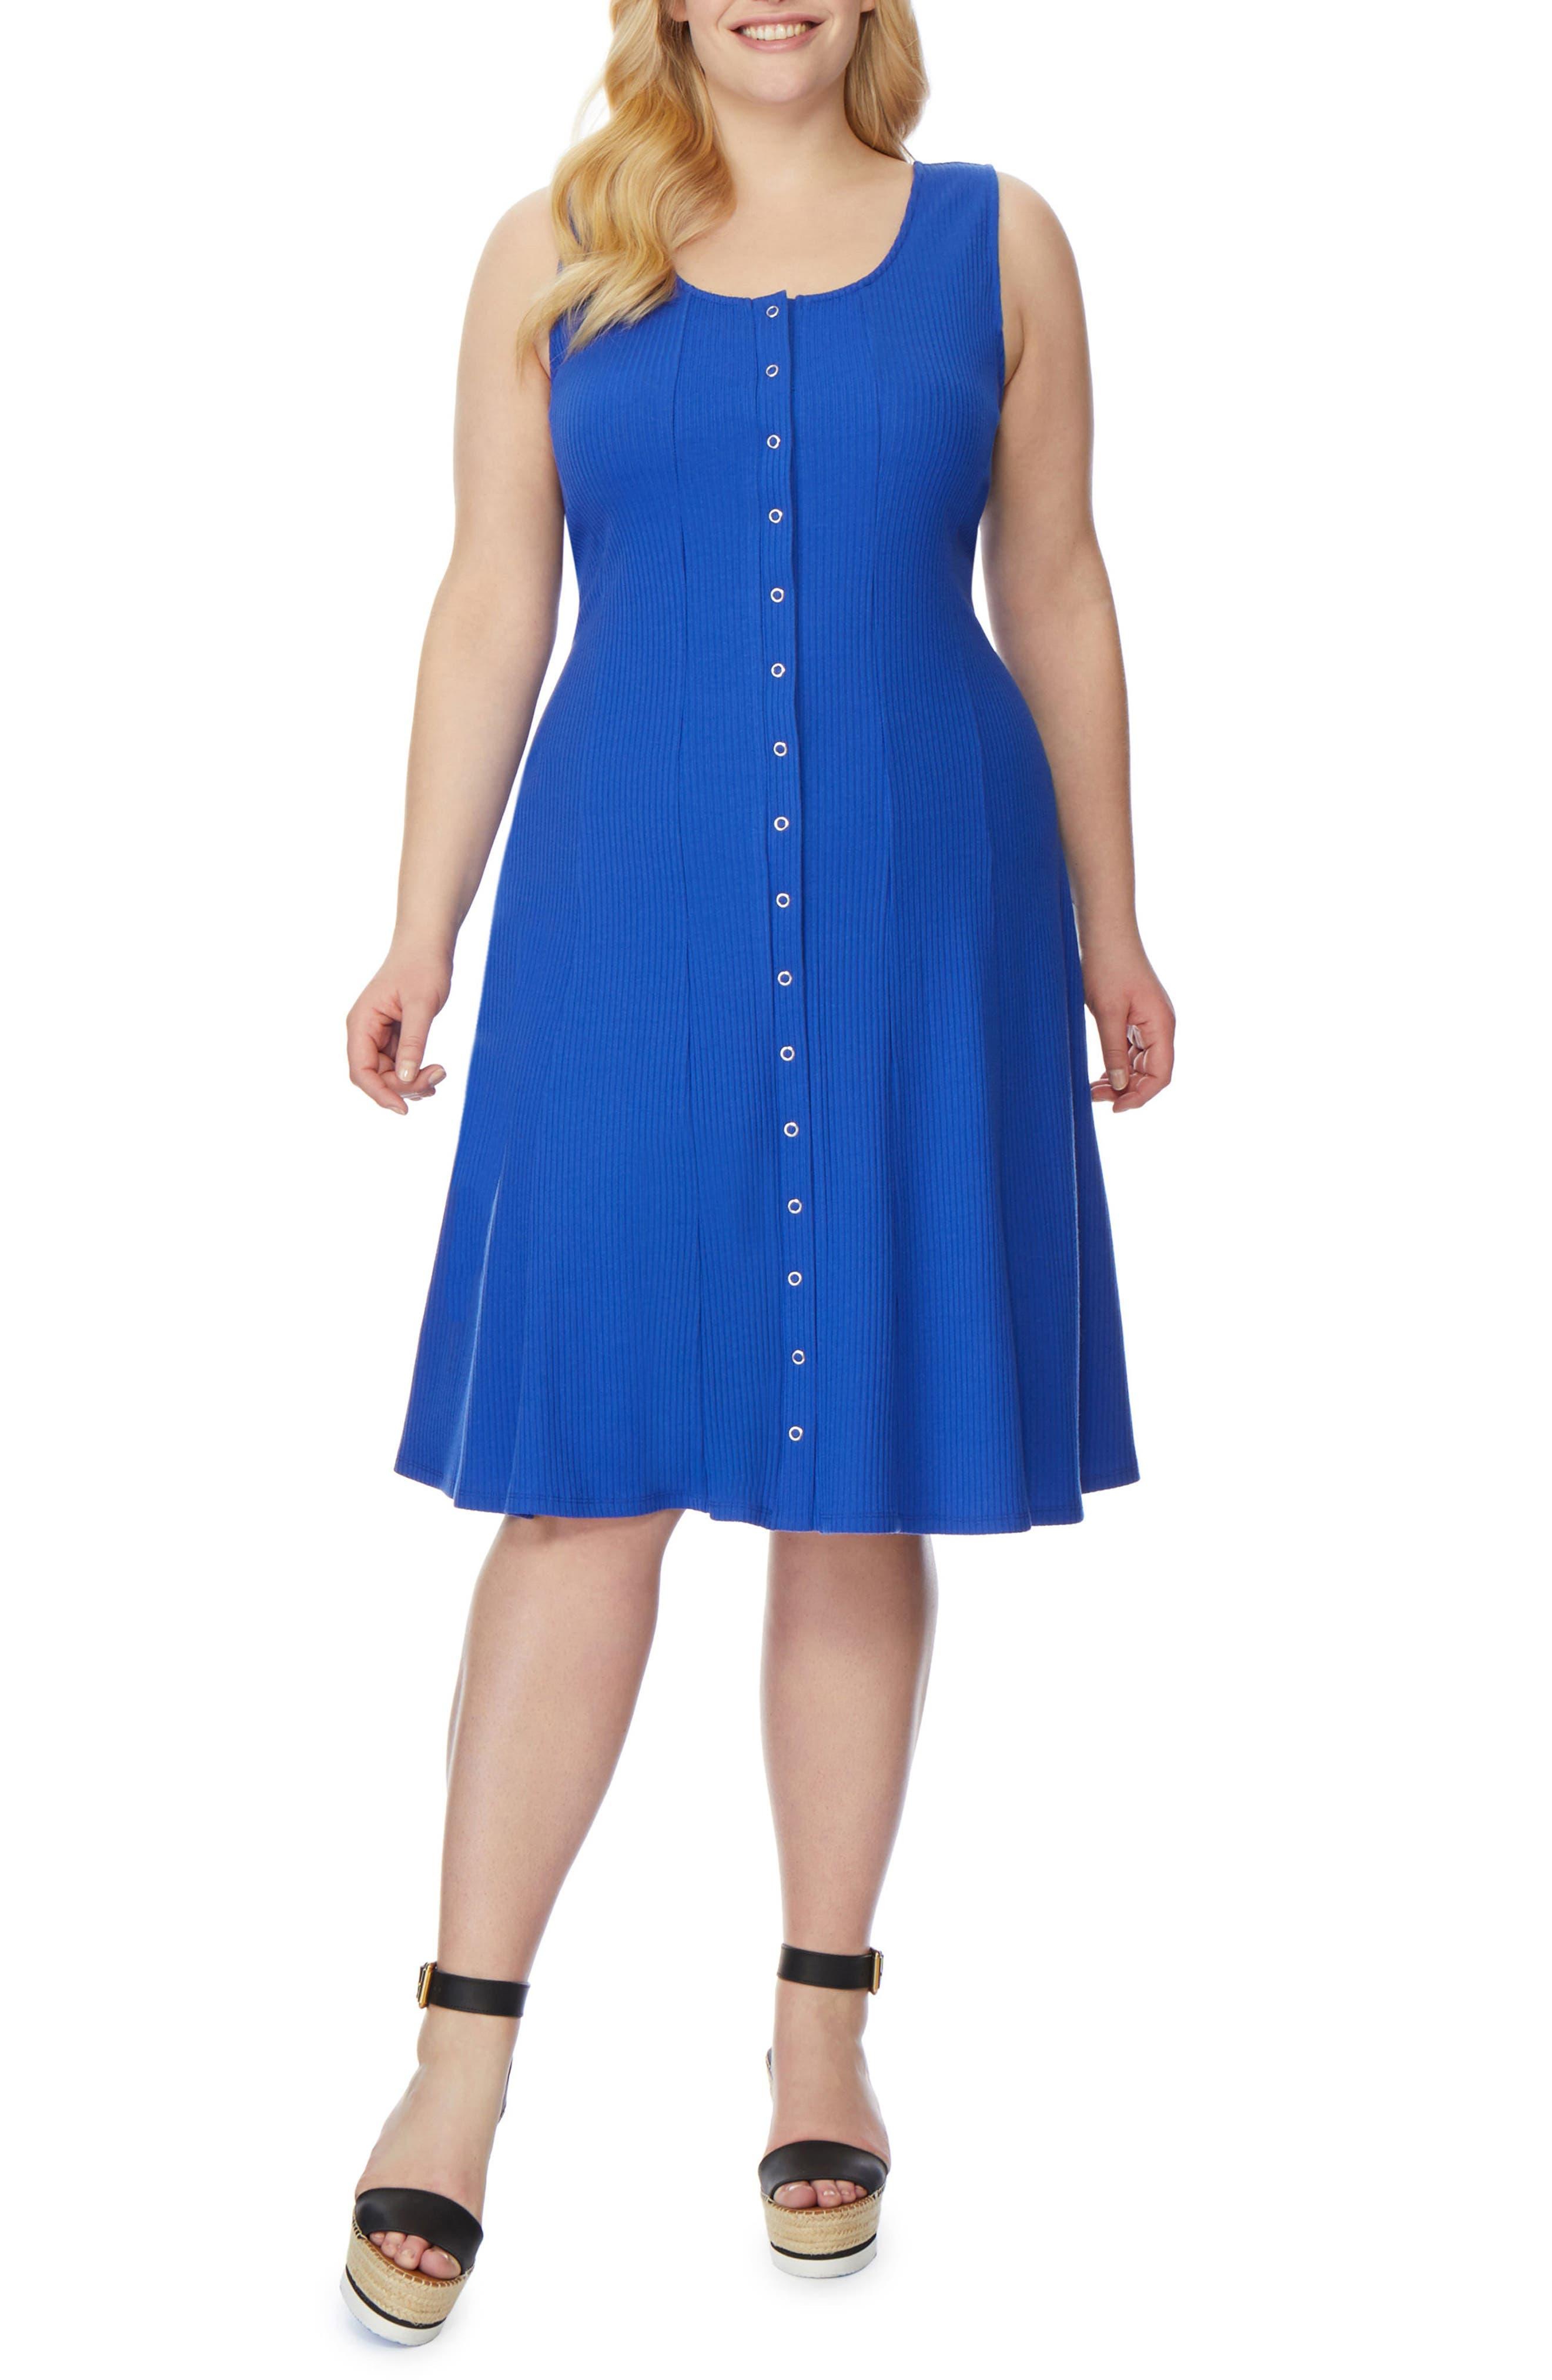 Rib Tank Dress,                             Alternate thumbnail 6, color,                             424